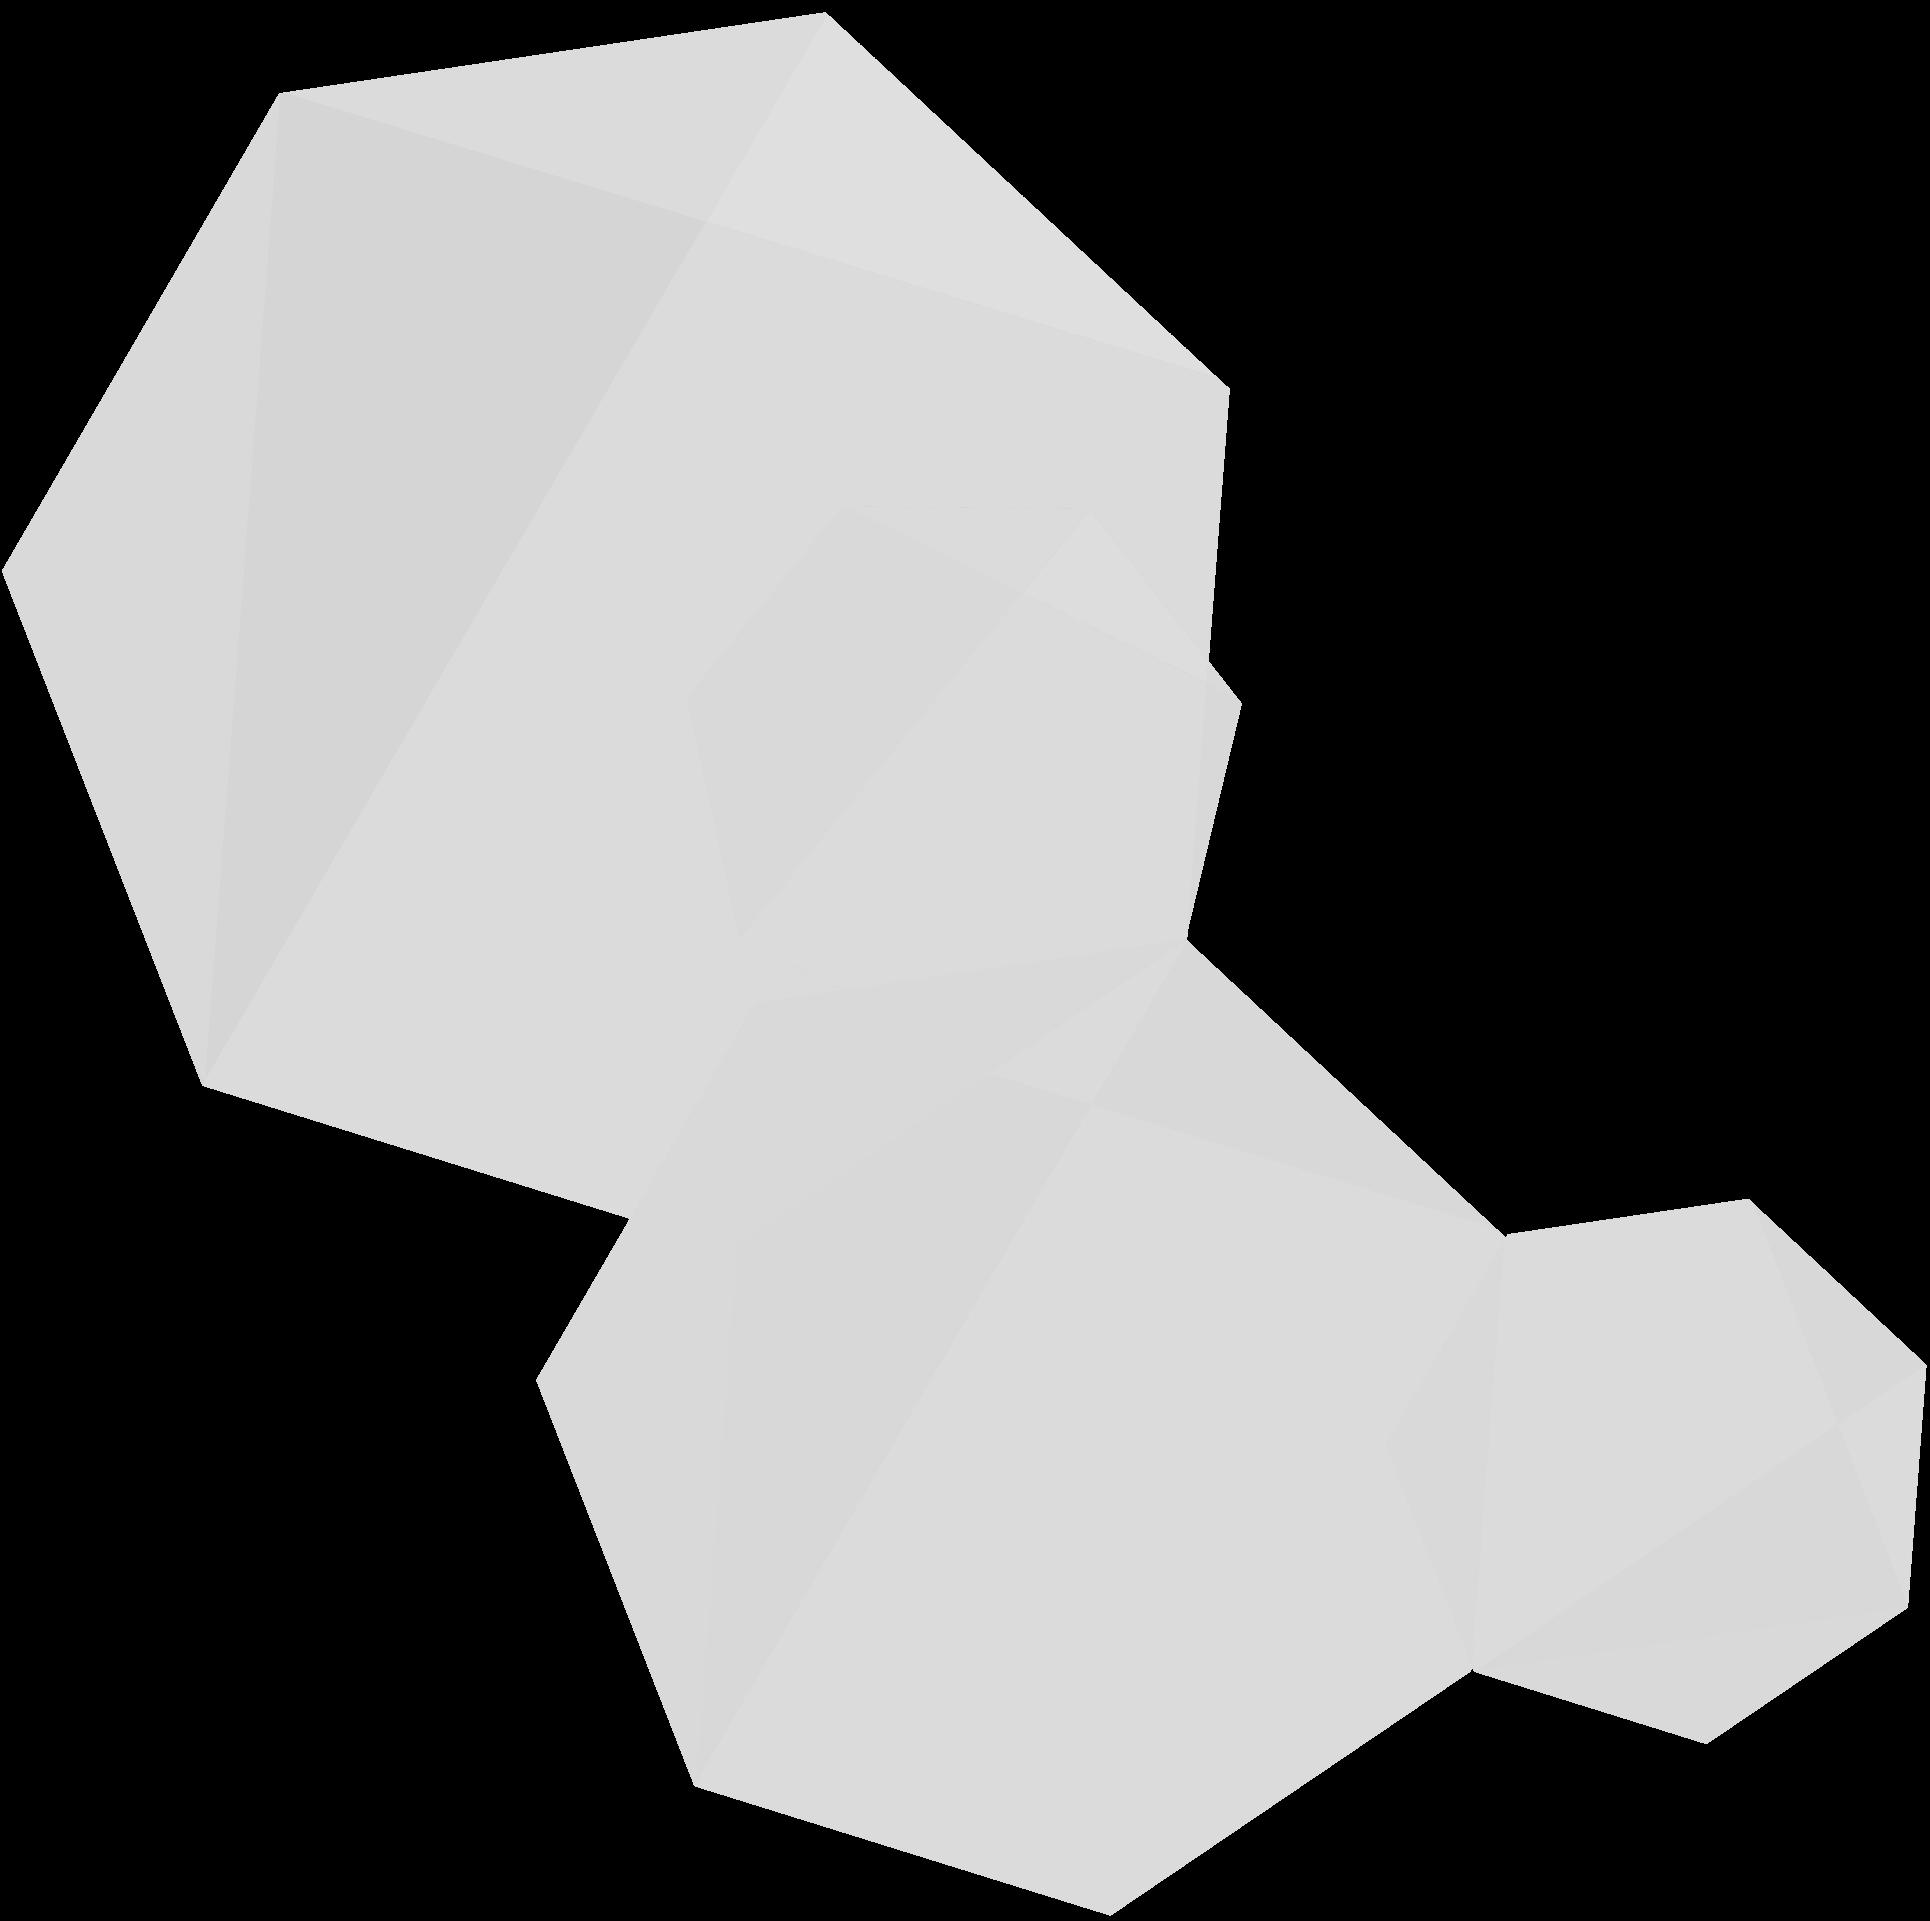 Hep_02